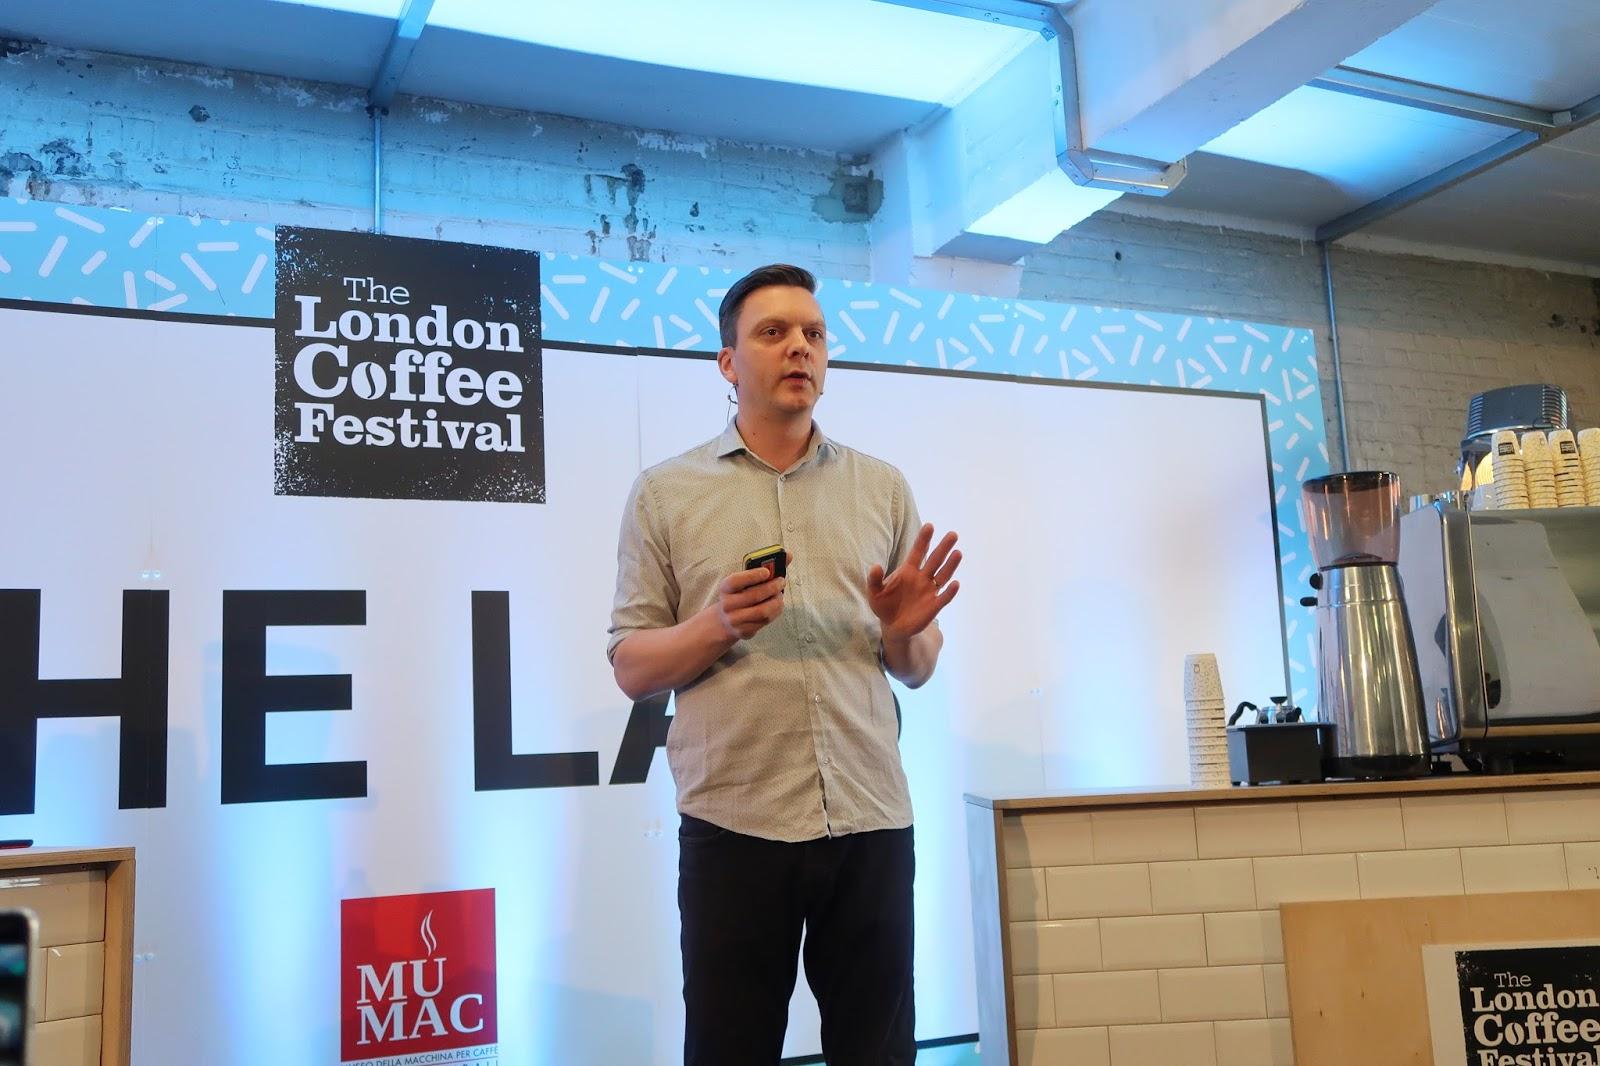 Double Skinny Macchiato The London Coffee Festival 2018